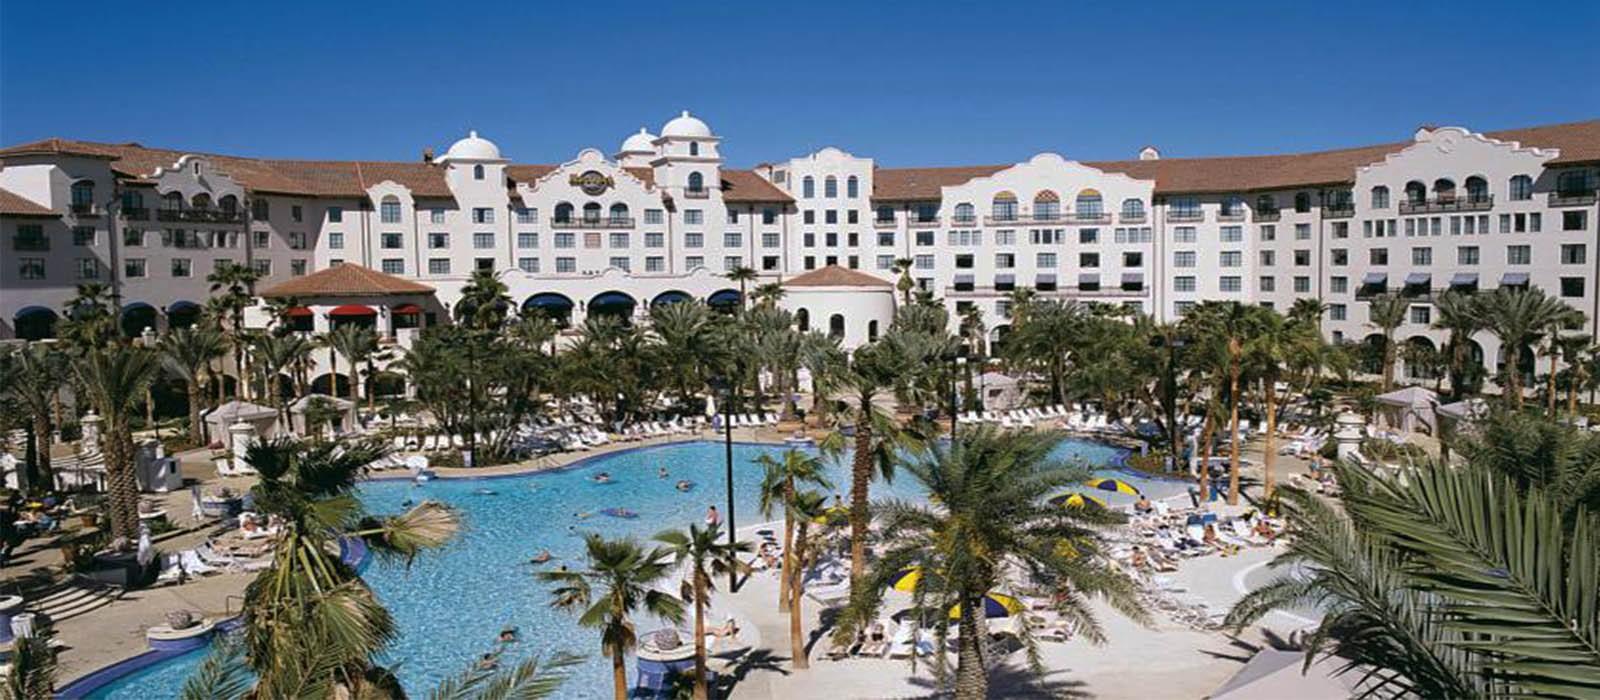 Luxury Hotel Breaks Uk January